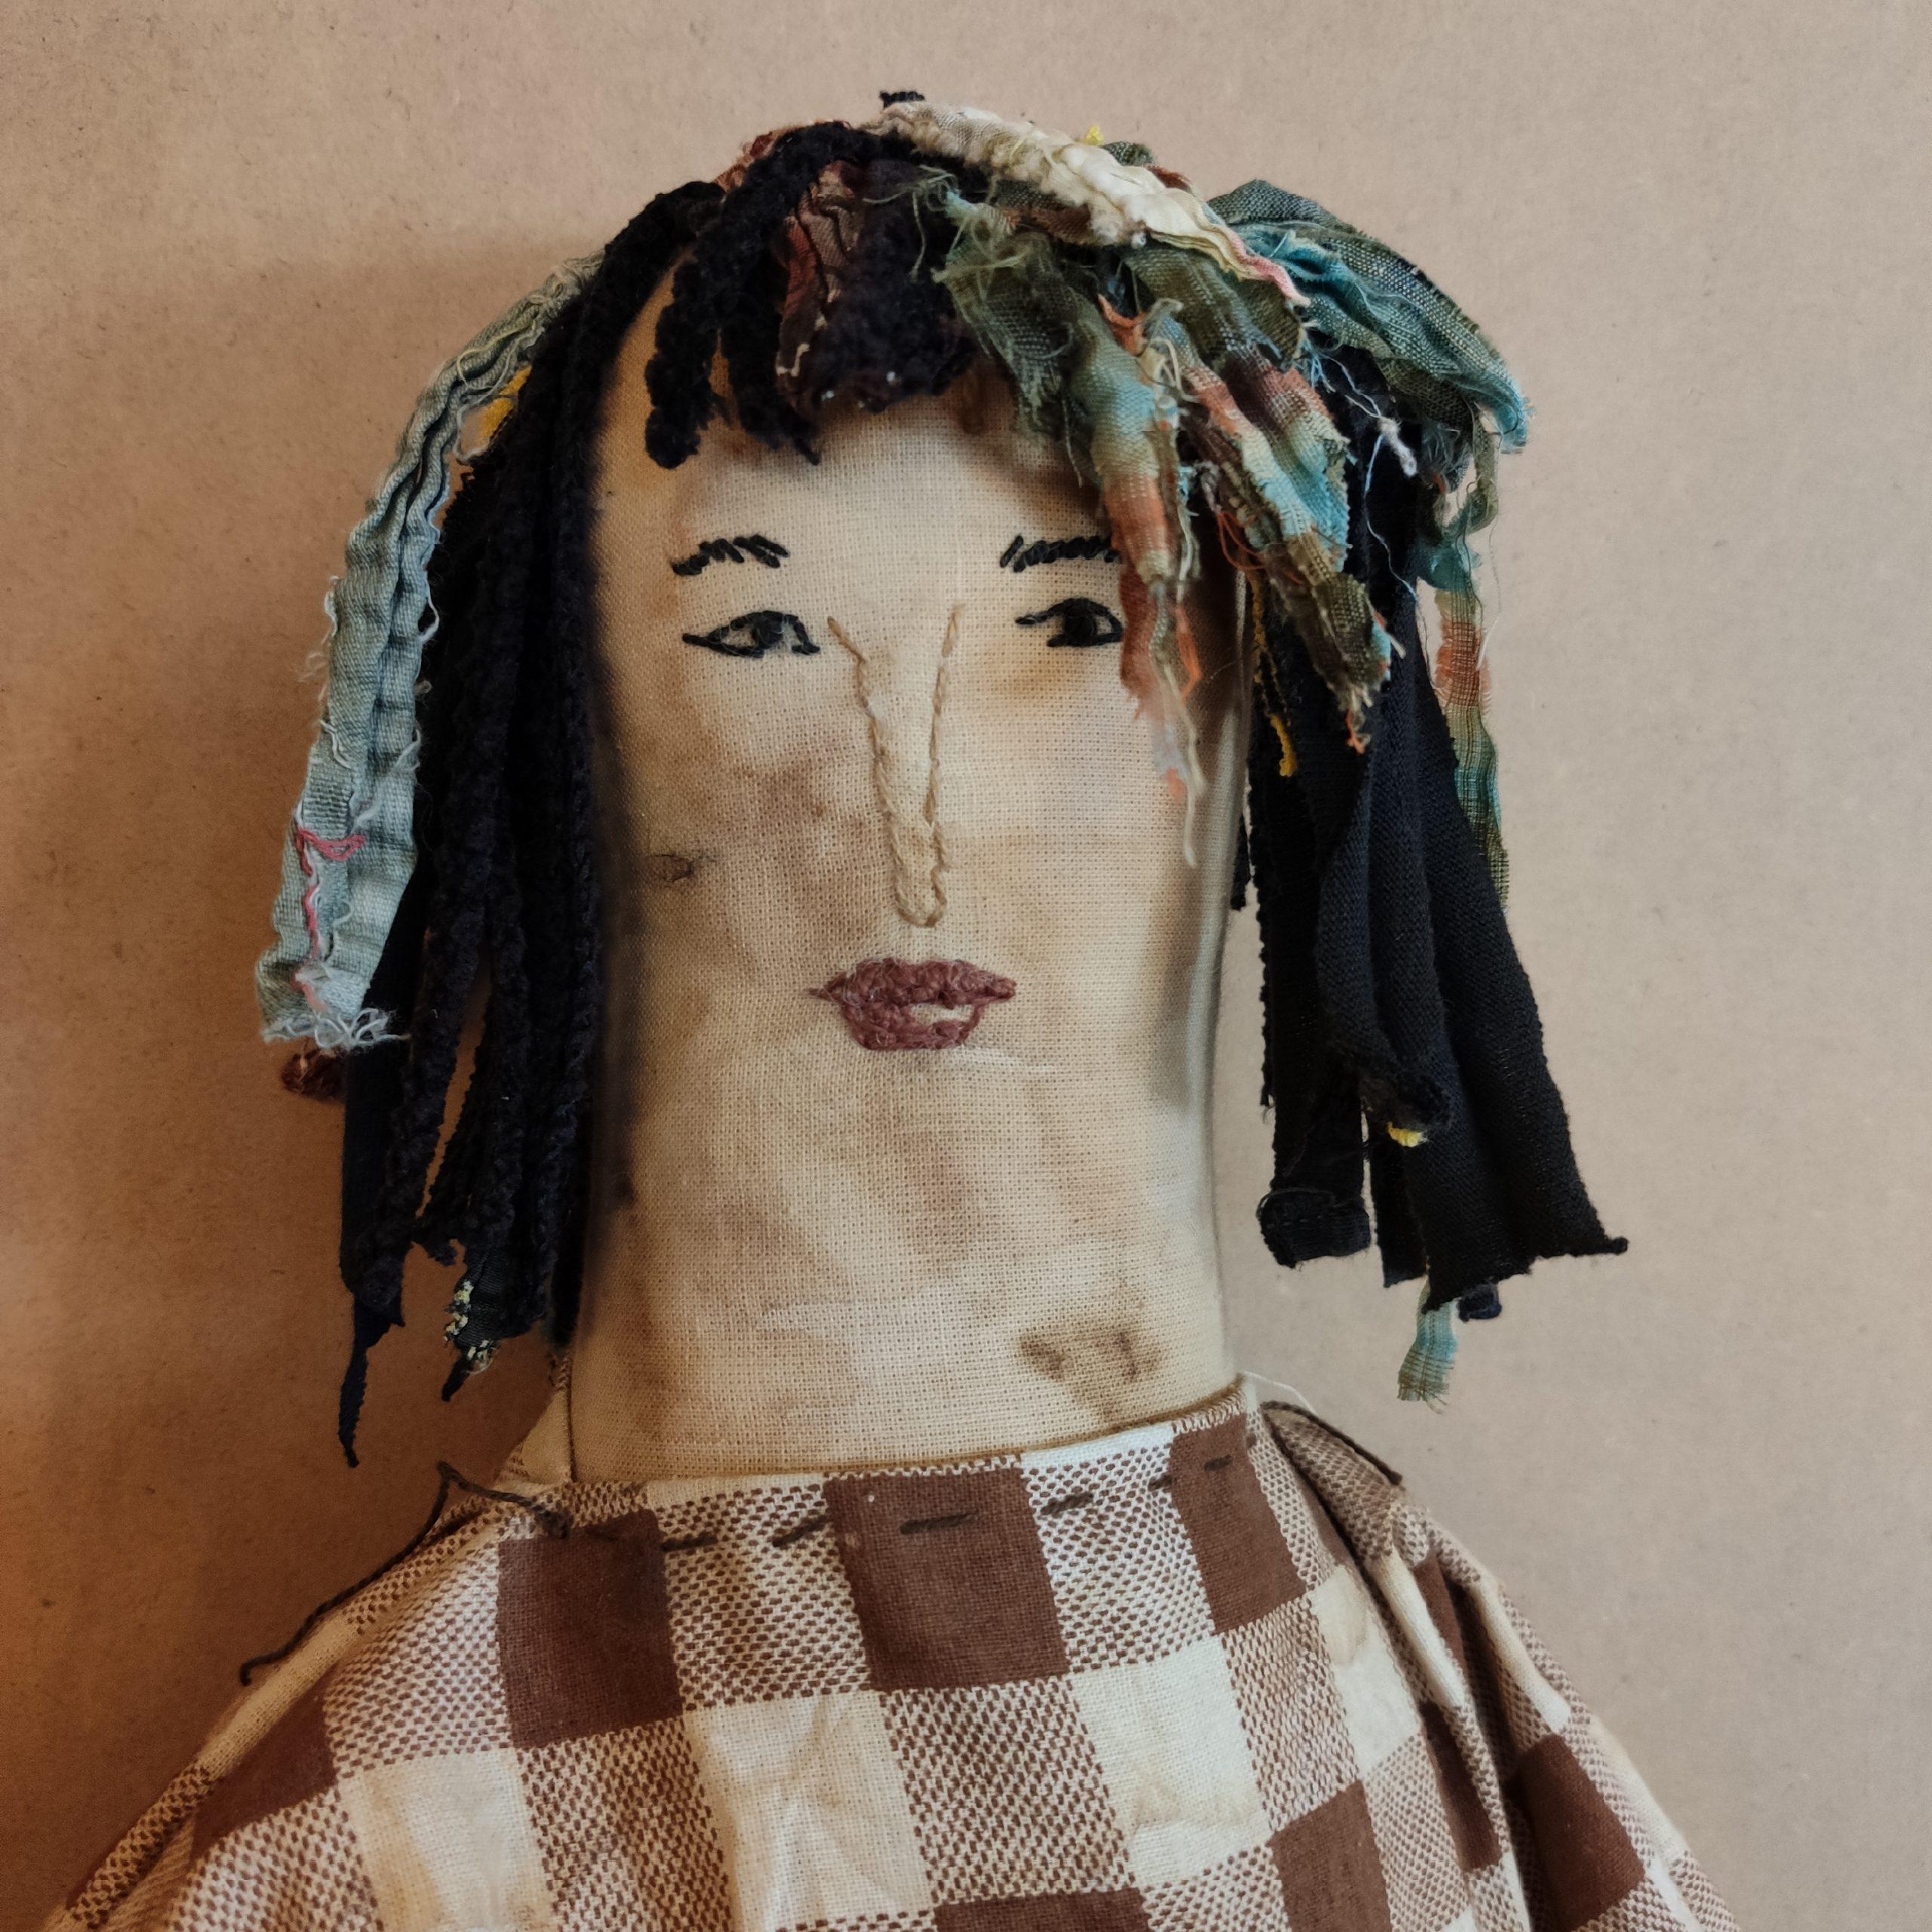 Υφασμάτινη Κούκλα, με αγάπη – Fabric doll, with love